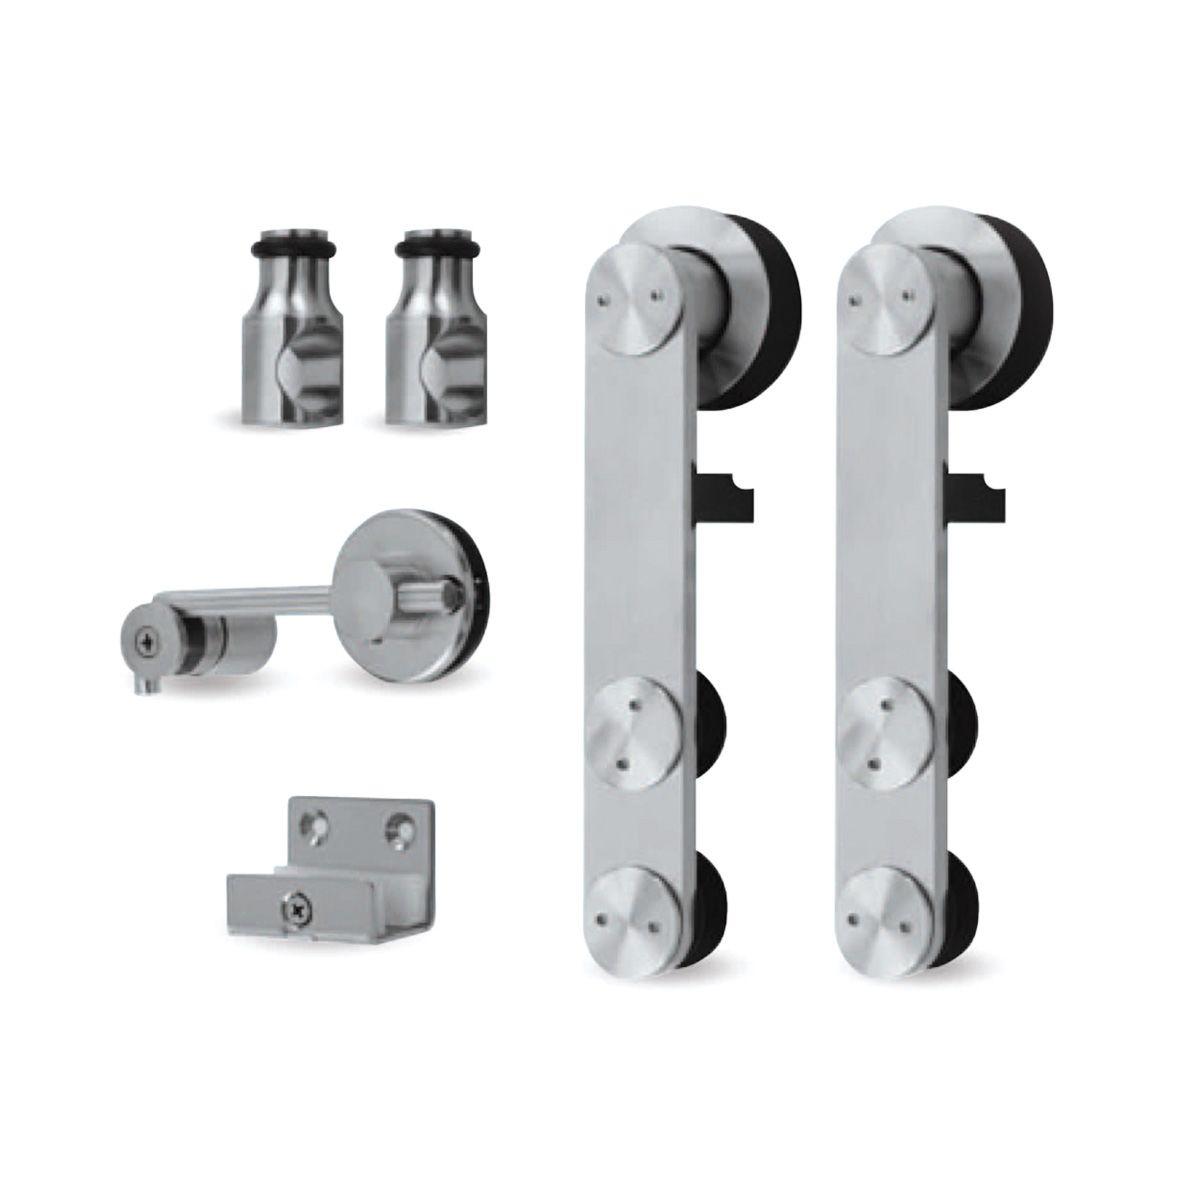 puertas y ventanas ruedas correderas para muebles herrajes de metal para puertas correderas Juego de 2 ruedas para puerta corredera